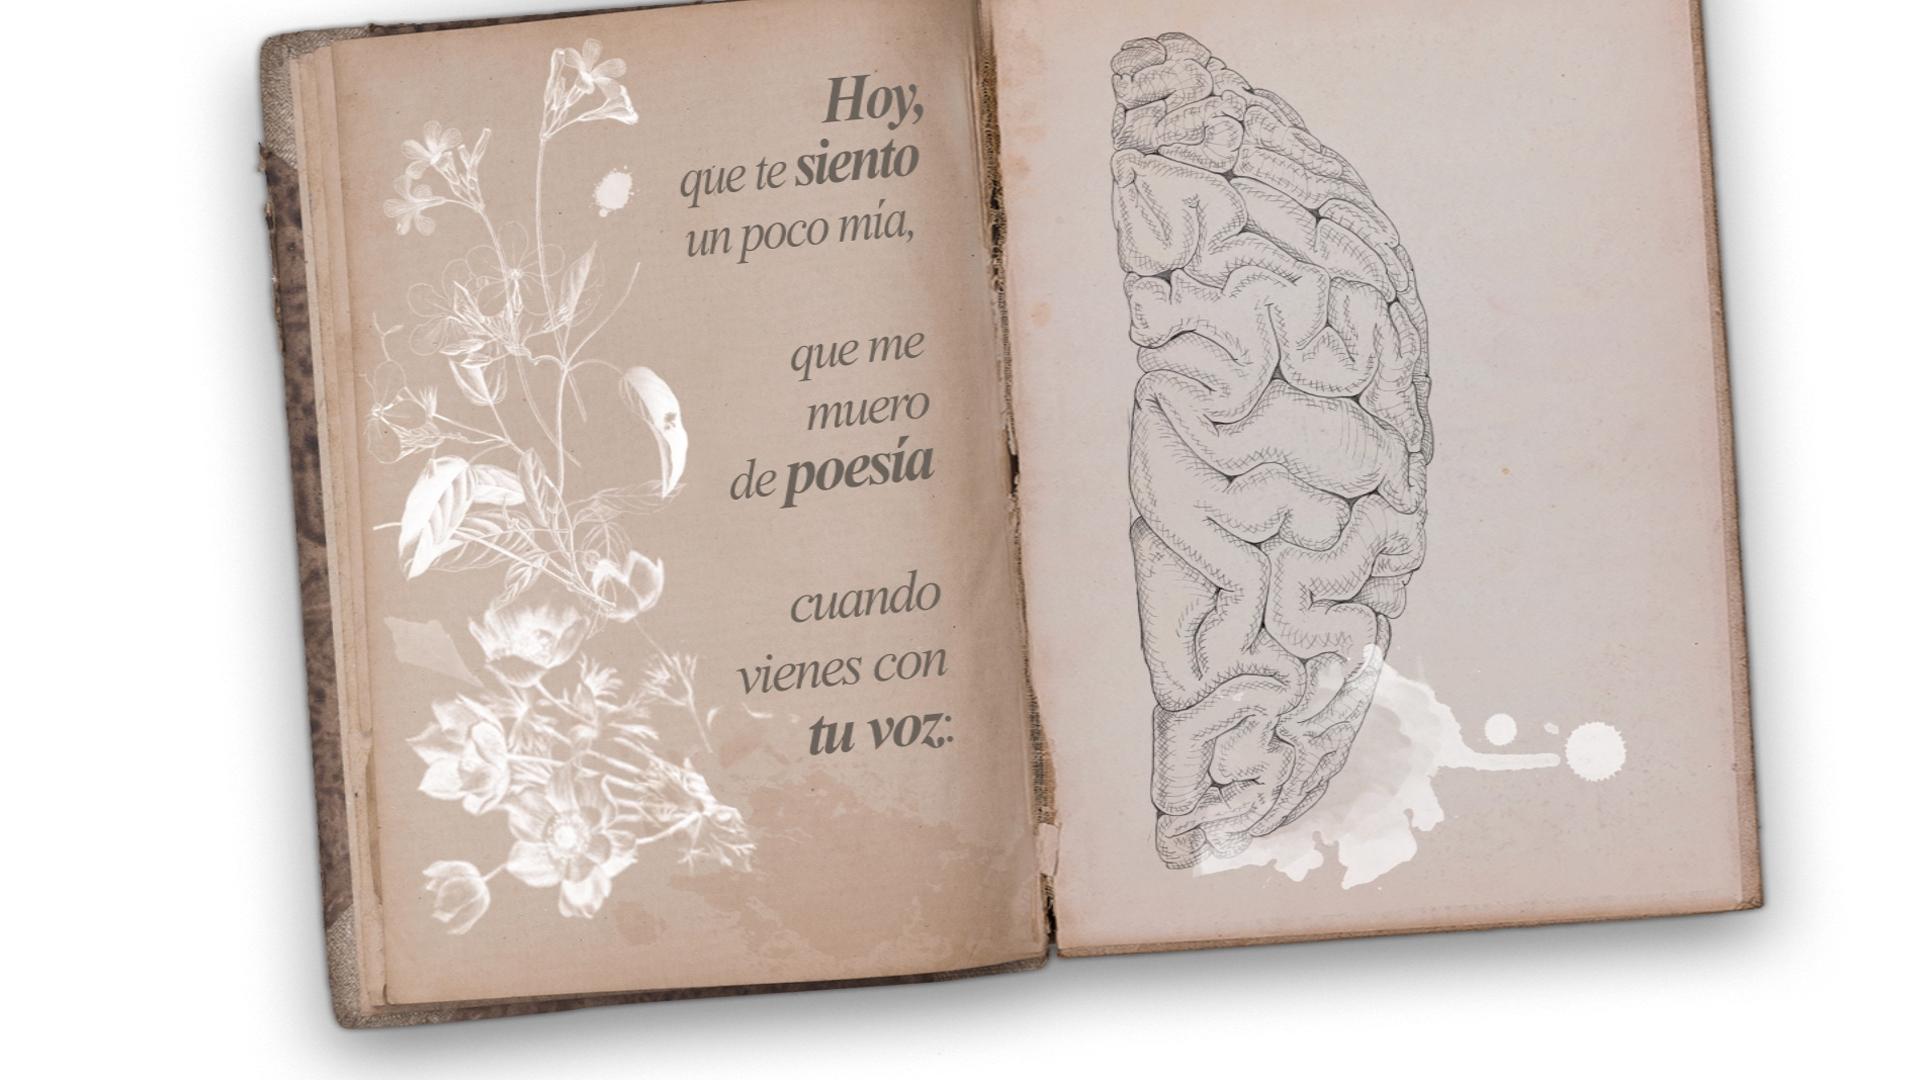 Disco Amerizaje[2] de Diego Ojeda, cancion Hoy con Mara Barros ilustrado por Giselle Vitali